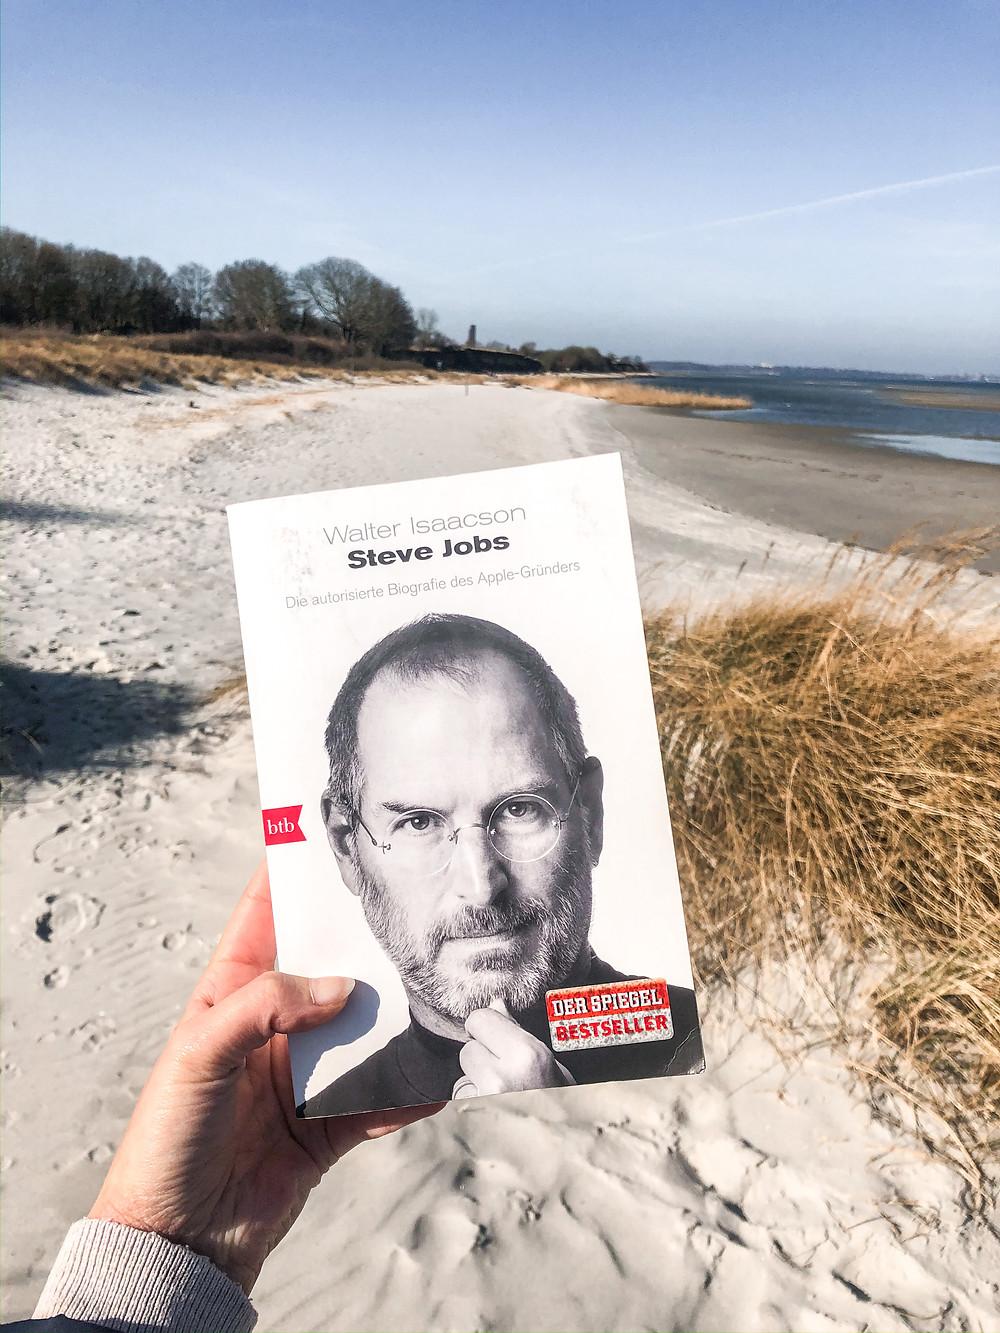 Die Biografie von Steve Jobs wurde von bookbeaches direkt in Kiel am Strand rezensiert.